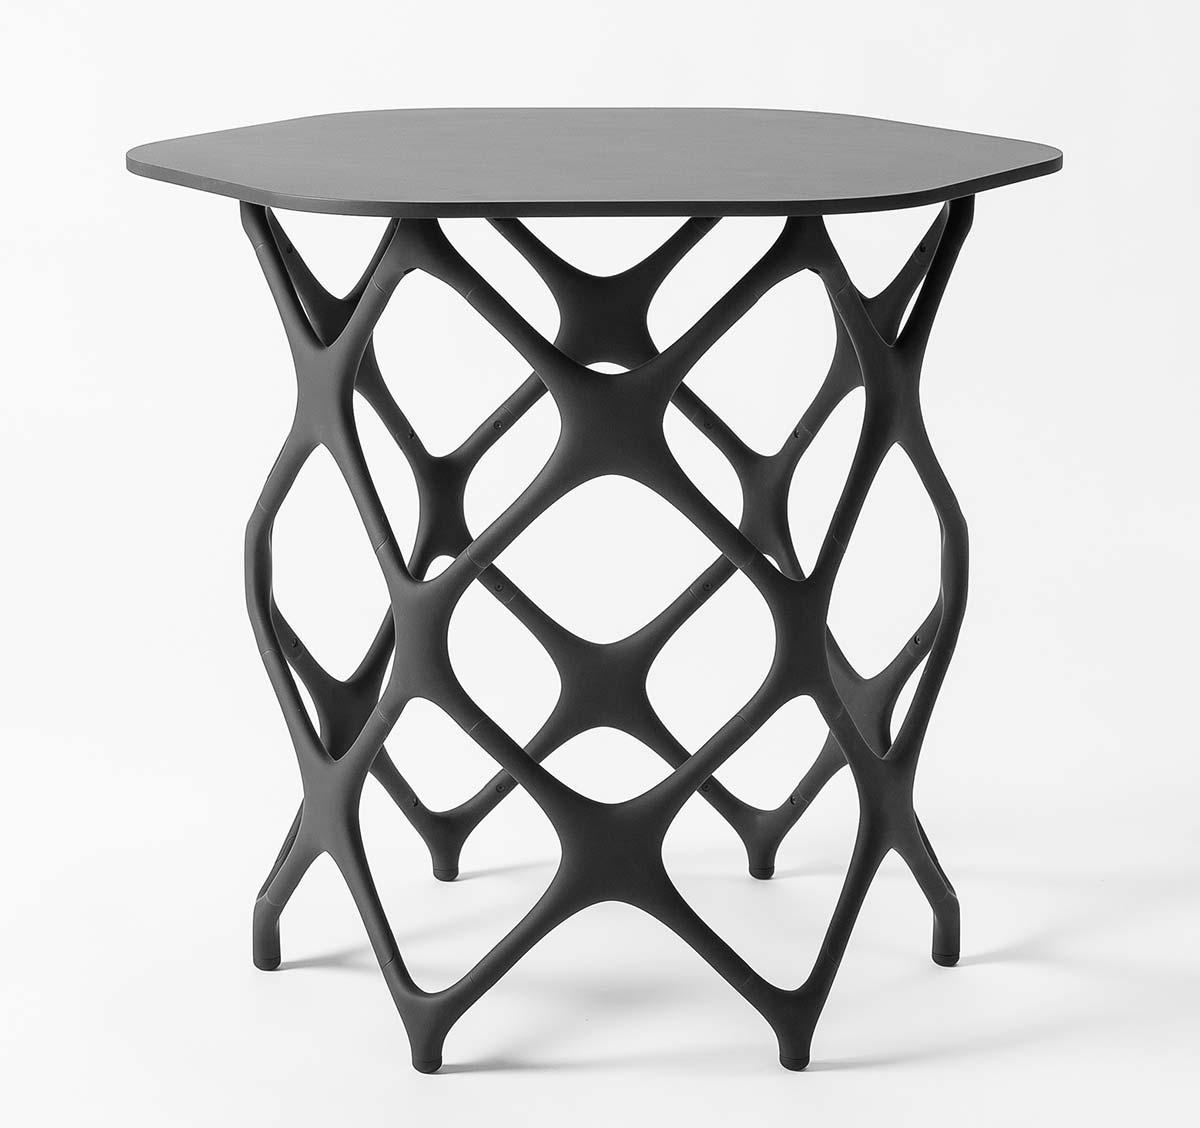 Hsiang Han Design